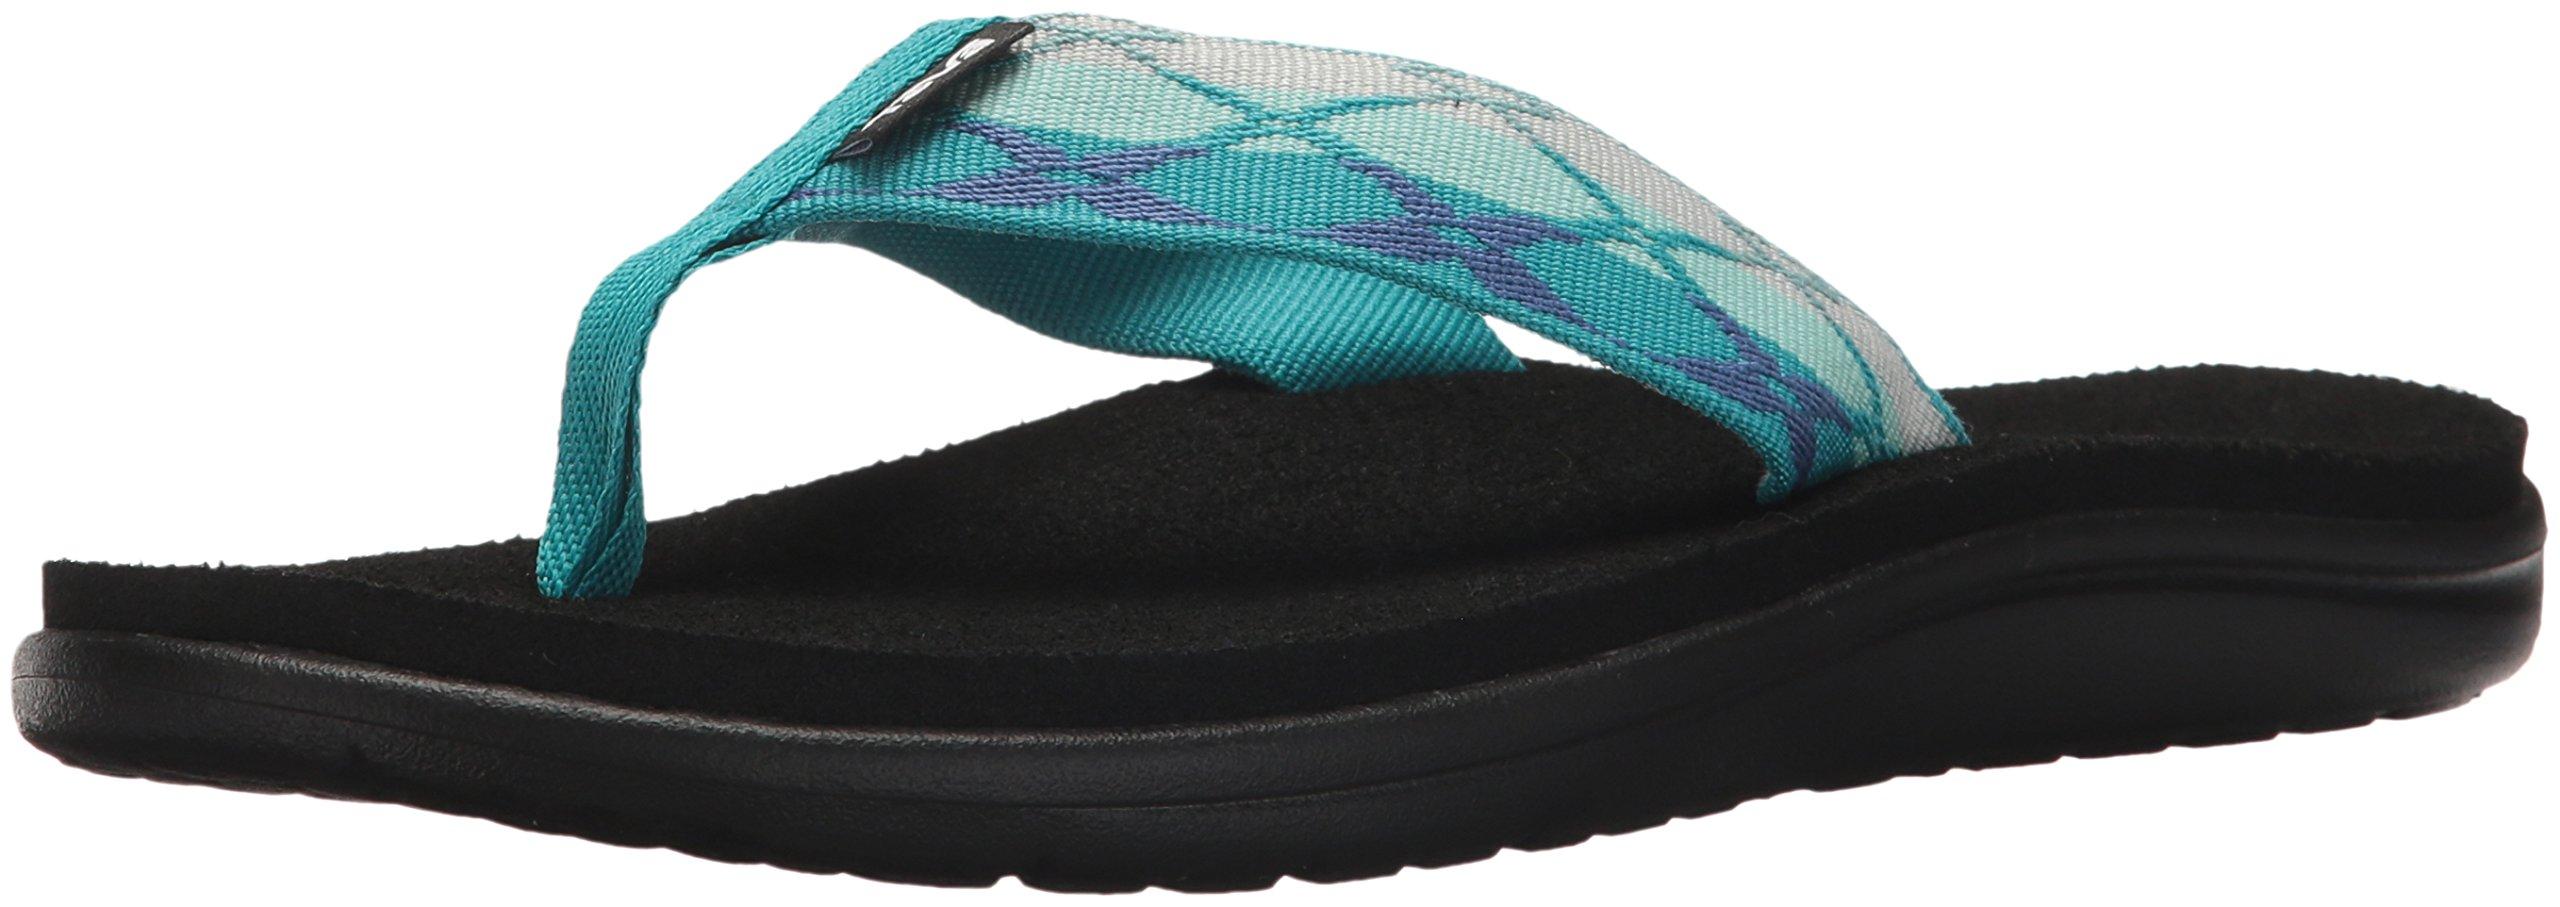 Teva Womens Women's W Voya Flip-Flop, Terre Blue, 8 M US